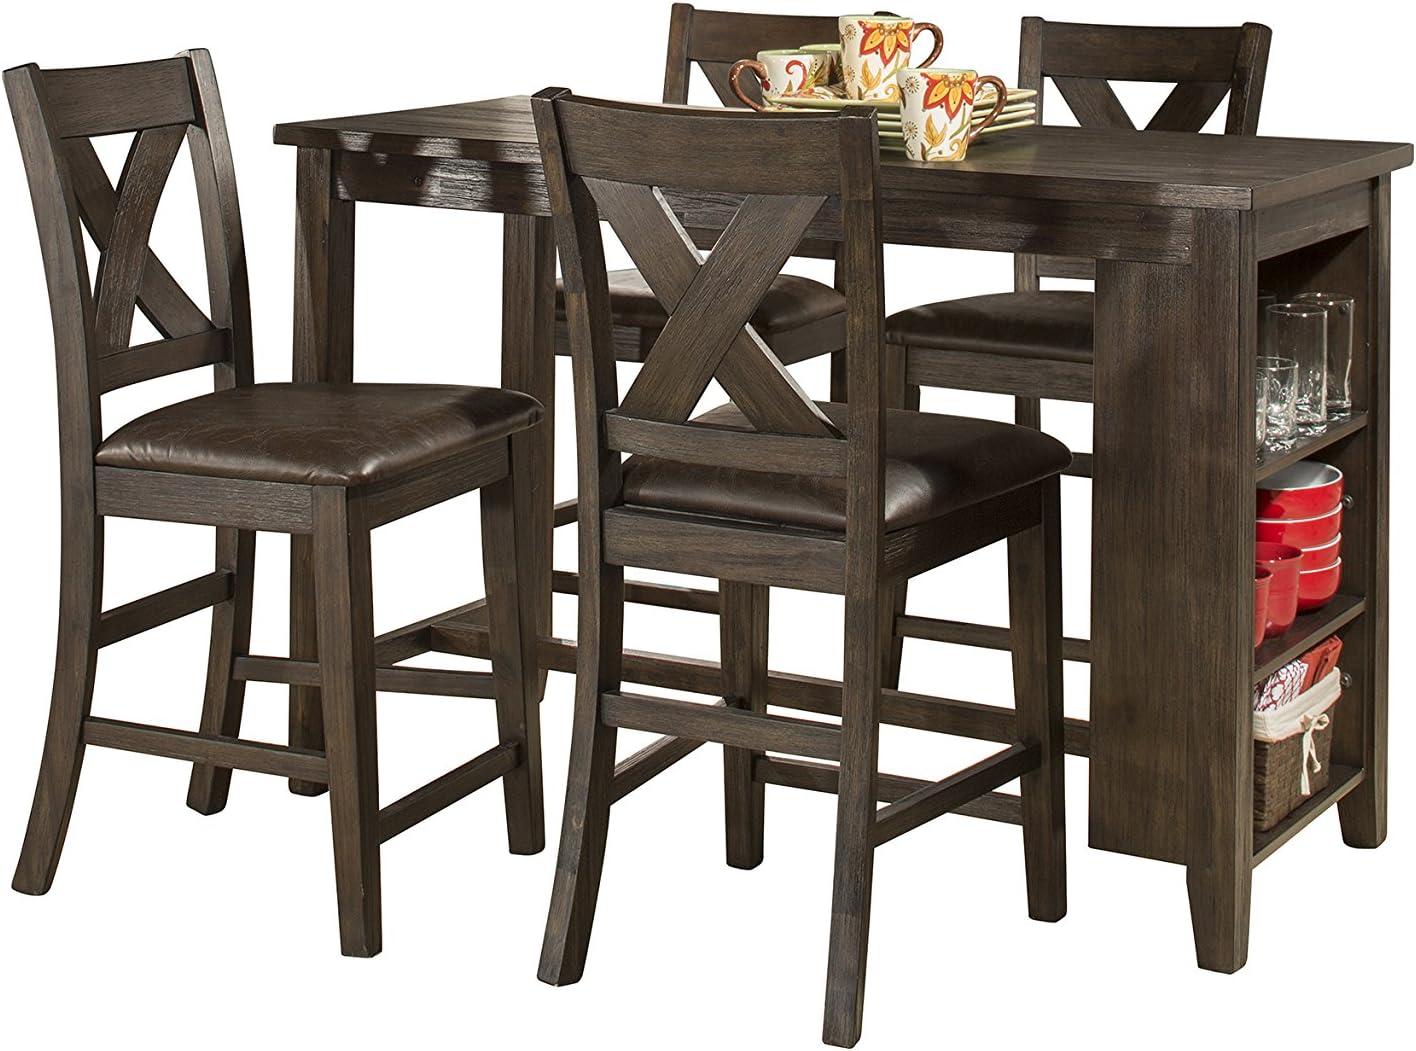 Hillsdale Furniture Spencer Dining Table 3 Piece Wire brush Dark Espresso